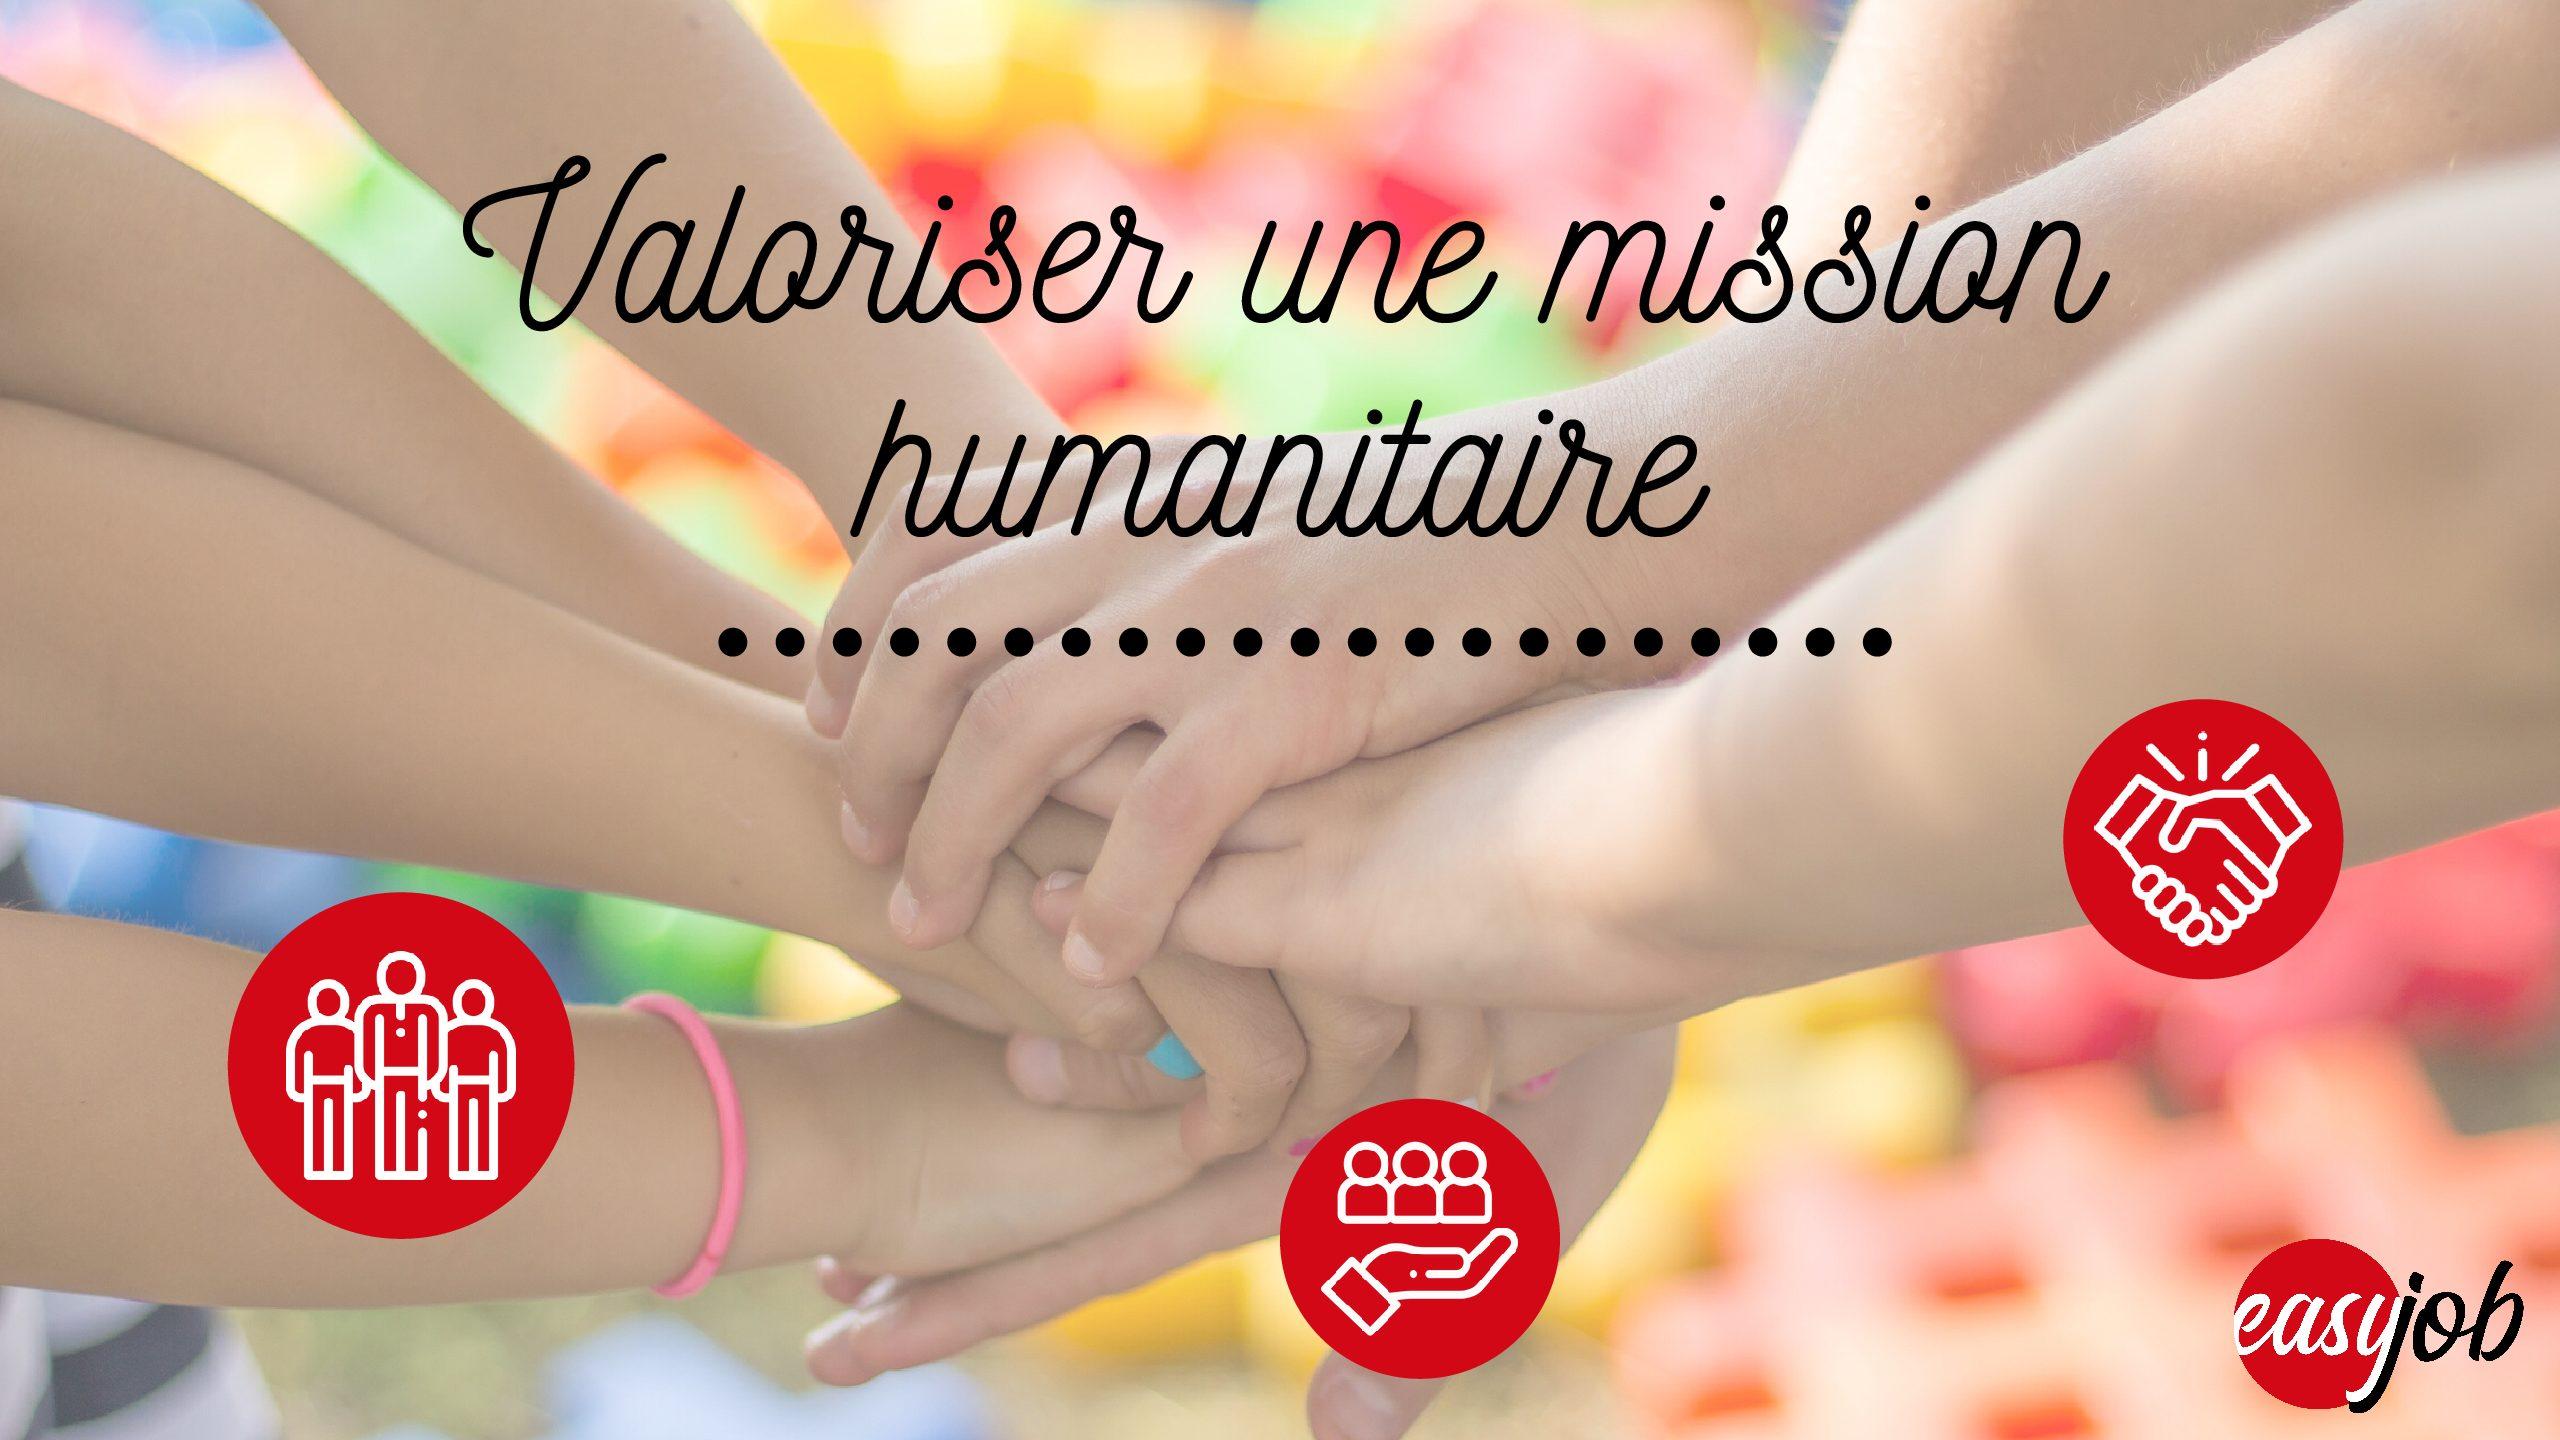 Valoriser sa mission humanitaire